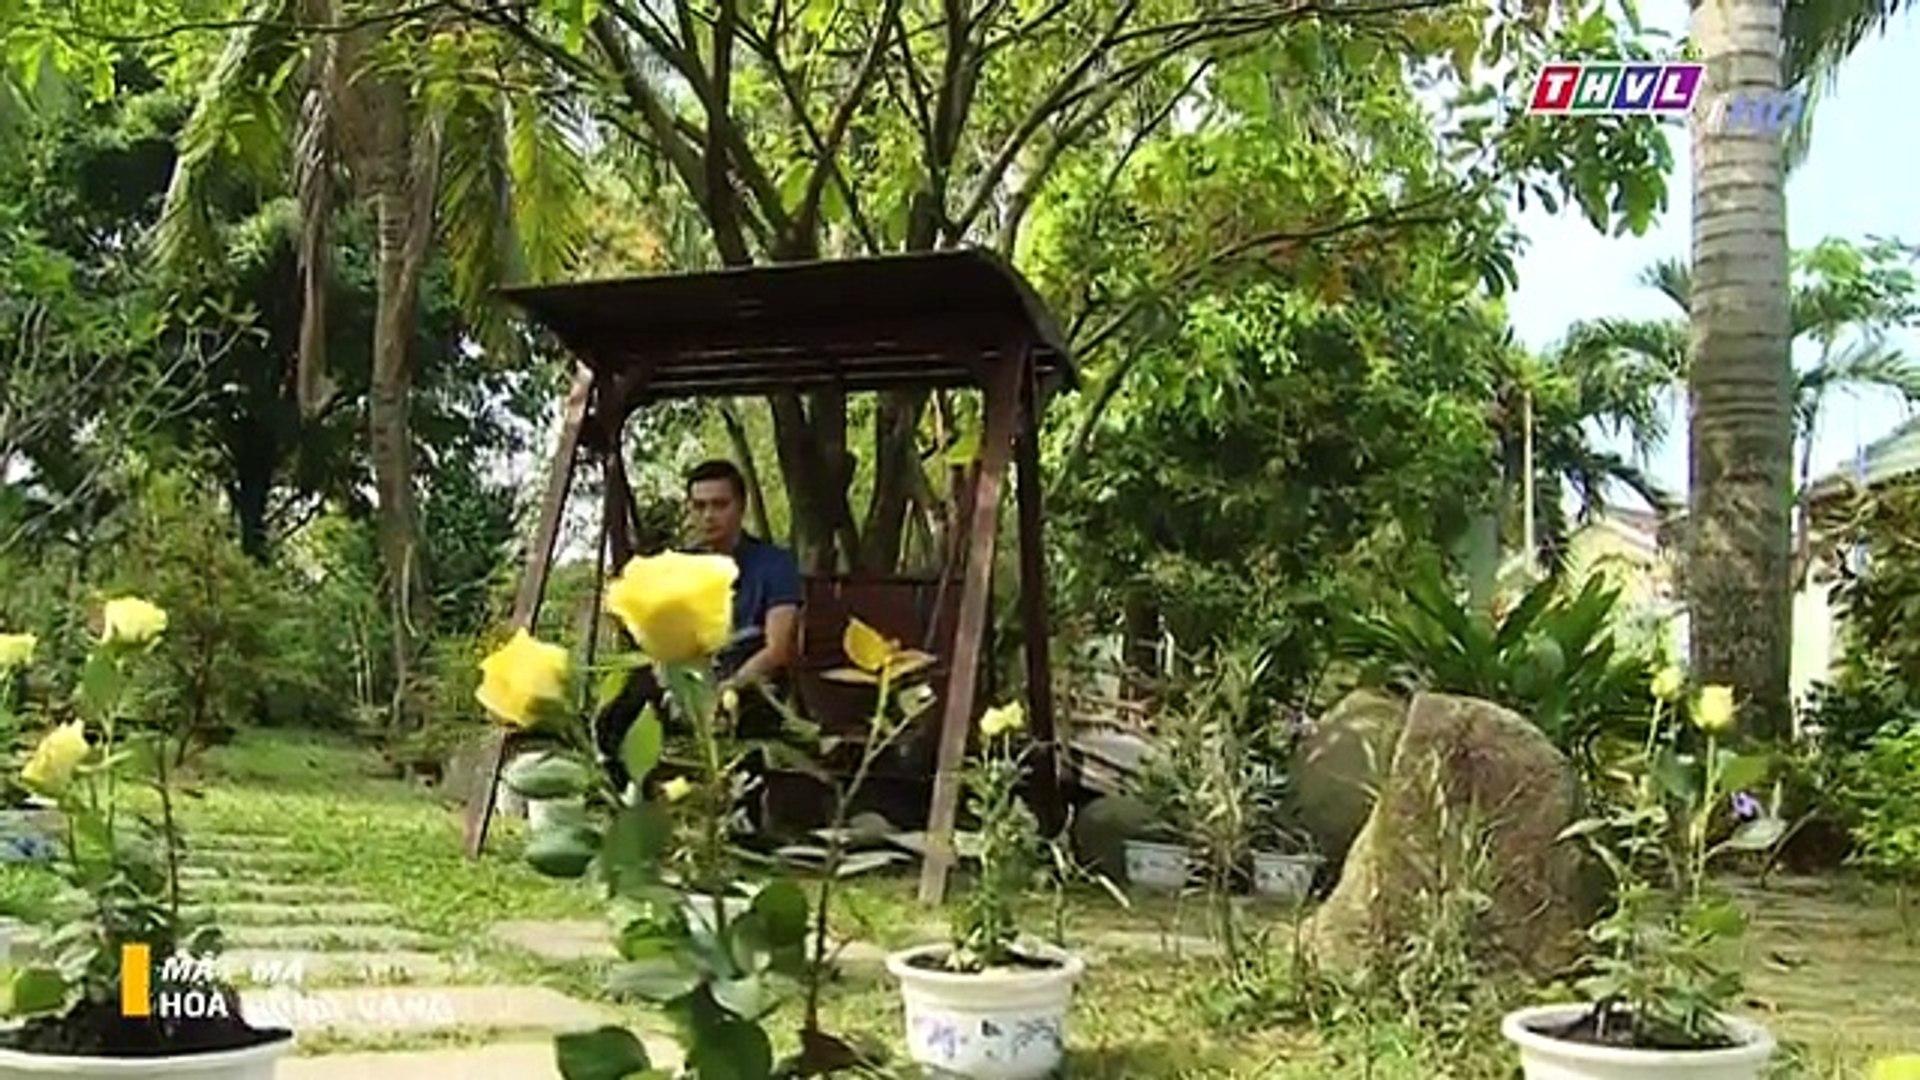 Mật mã hoa hồng vàng tập 46 - tập cuối || Phim Việt Nam - THVL1 || Mat ma hoa hong vang tap 46 - tập